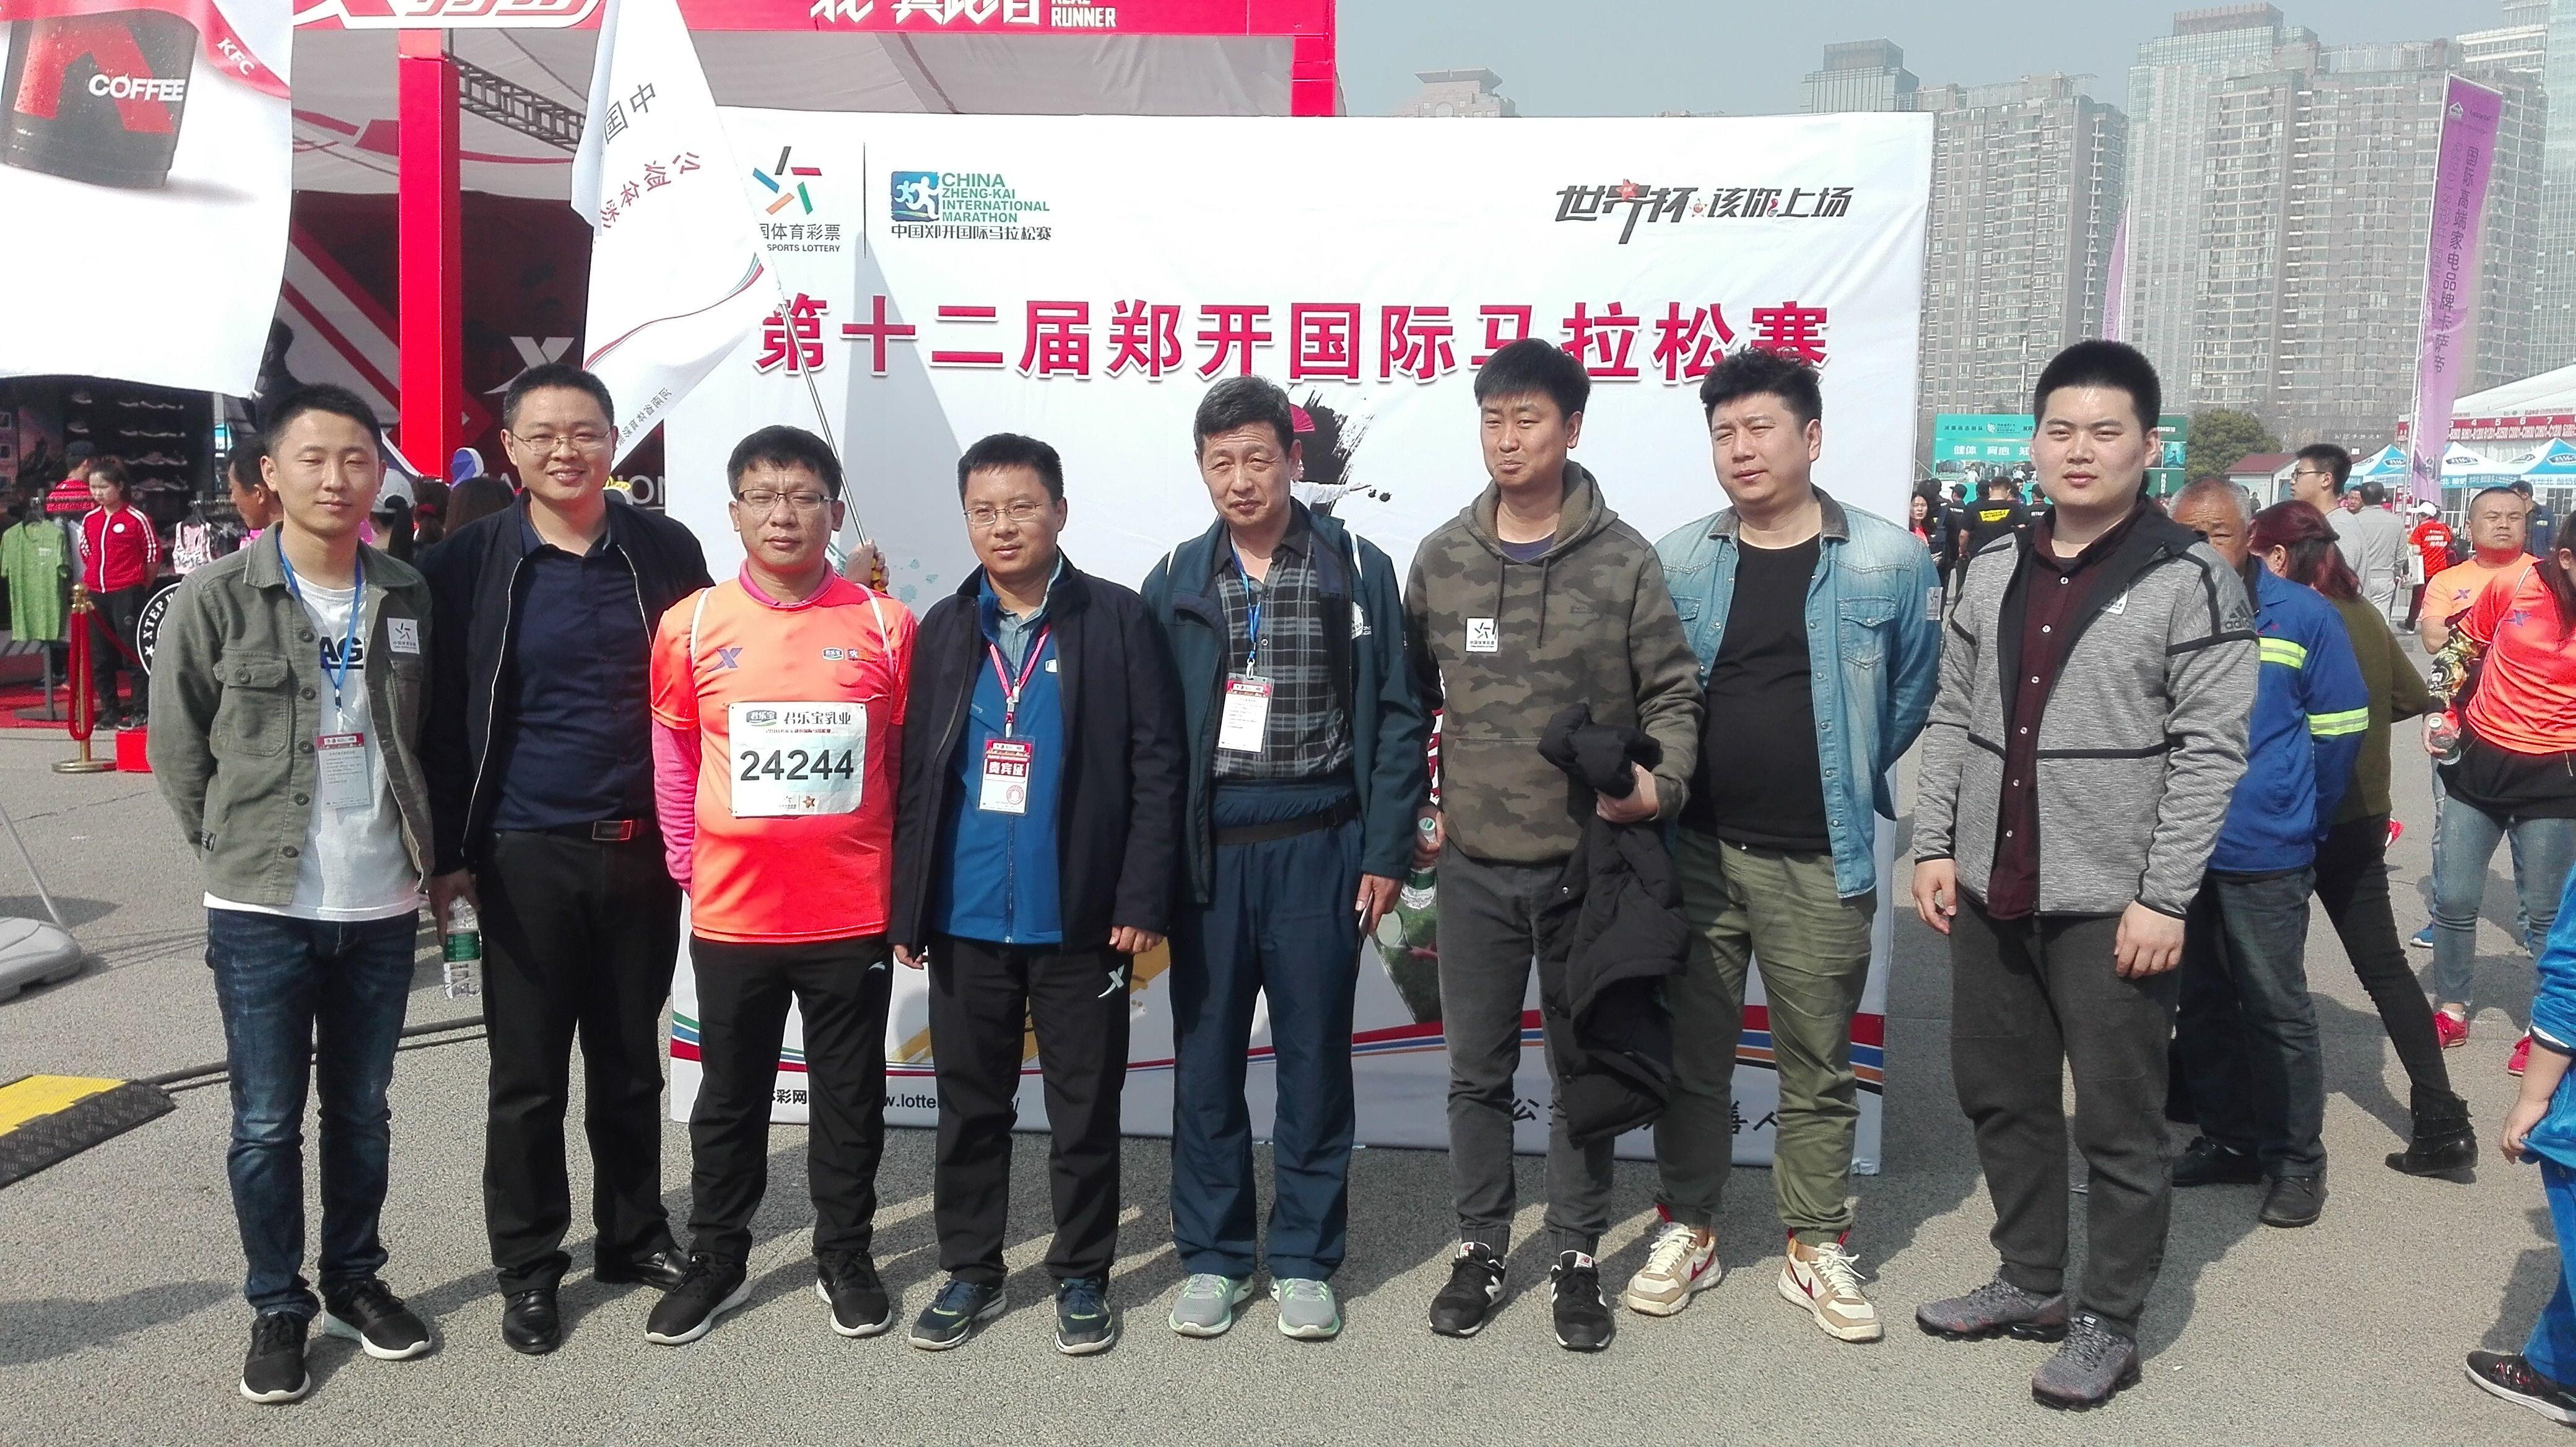 河南省体育彩票管理中心主任助理董小卫与工作人员合影